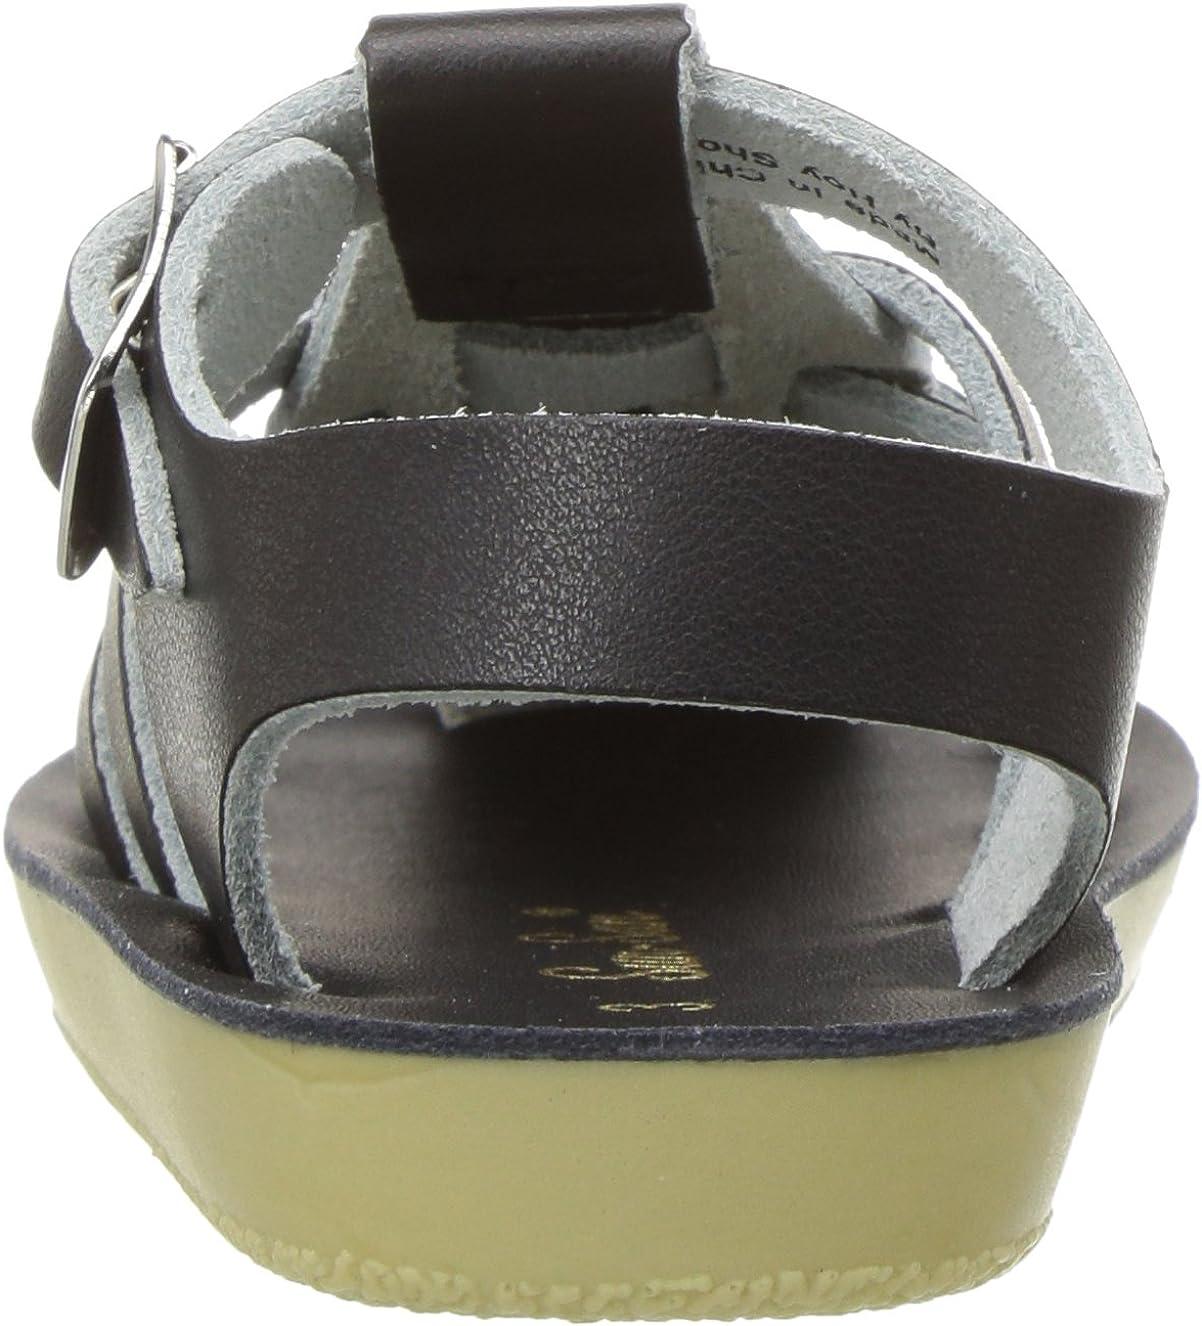 Infant//Toddler Sailors Salt Water Sandals by Hoy Shoes Unisex Sun-San